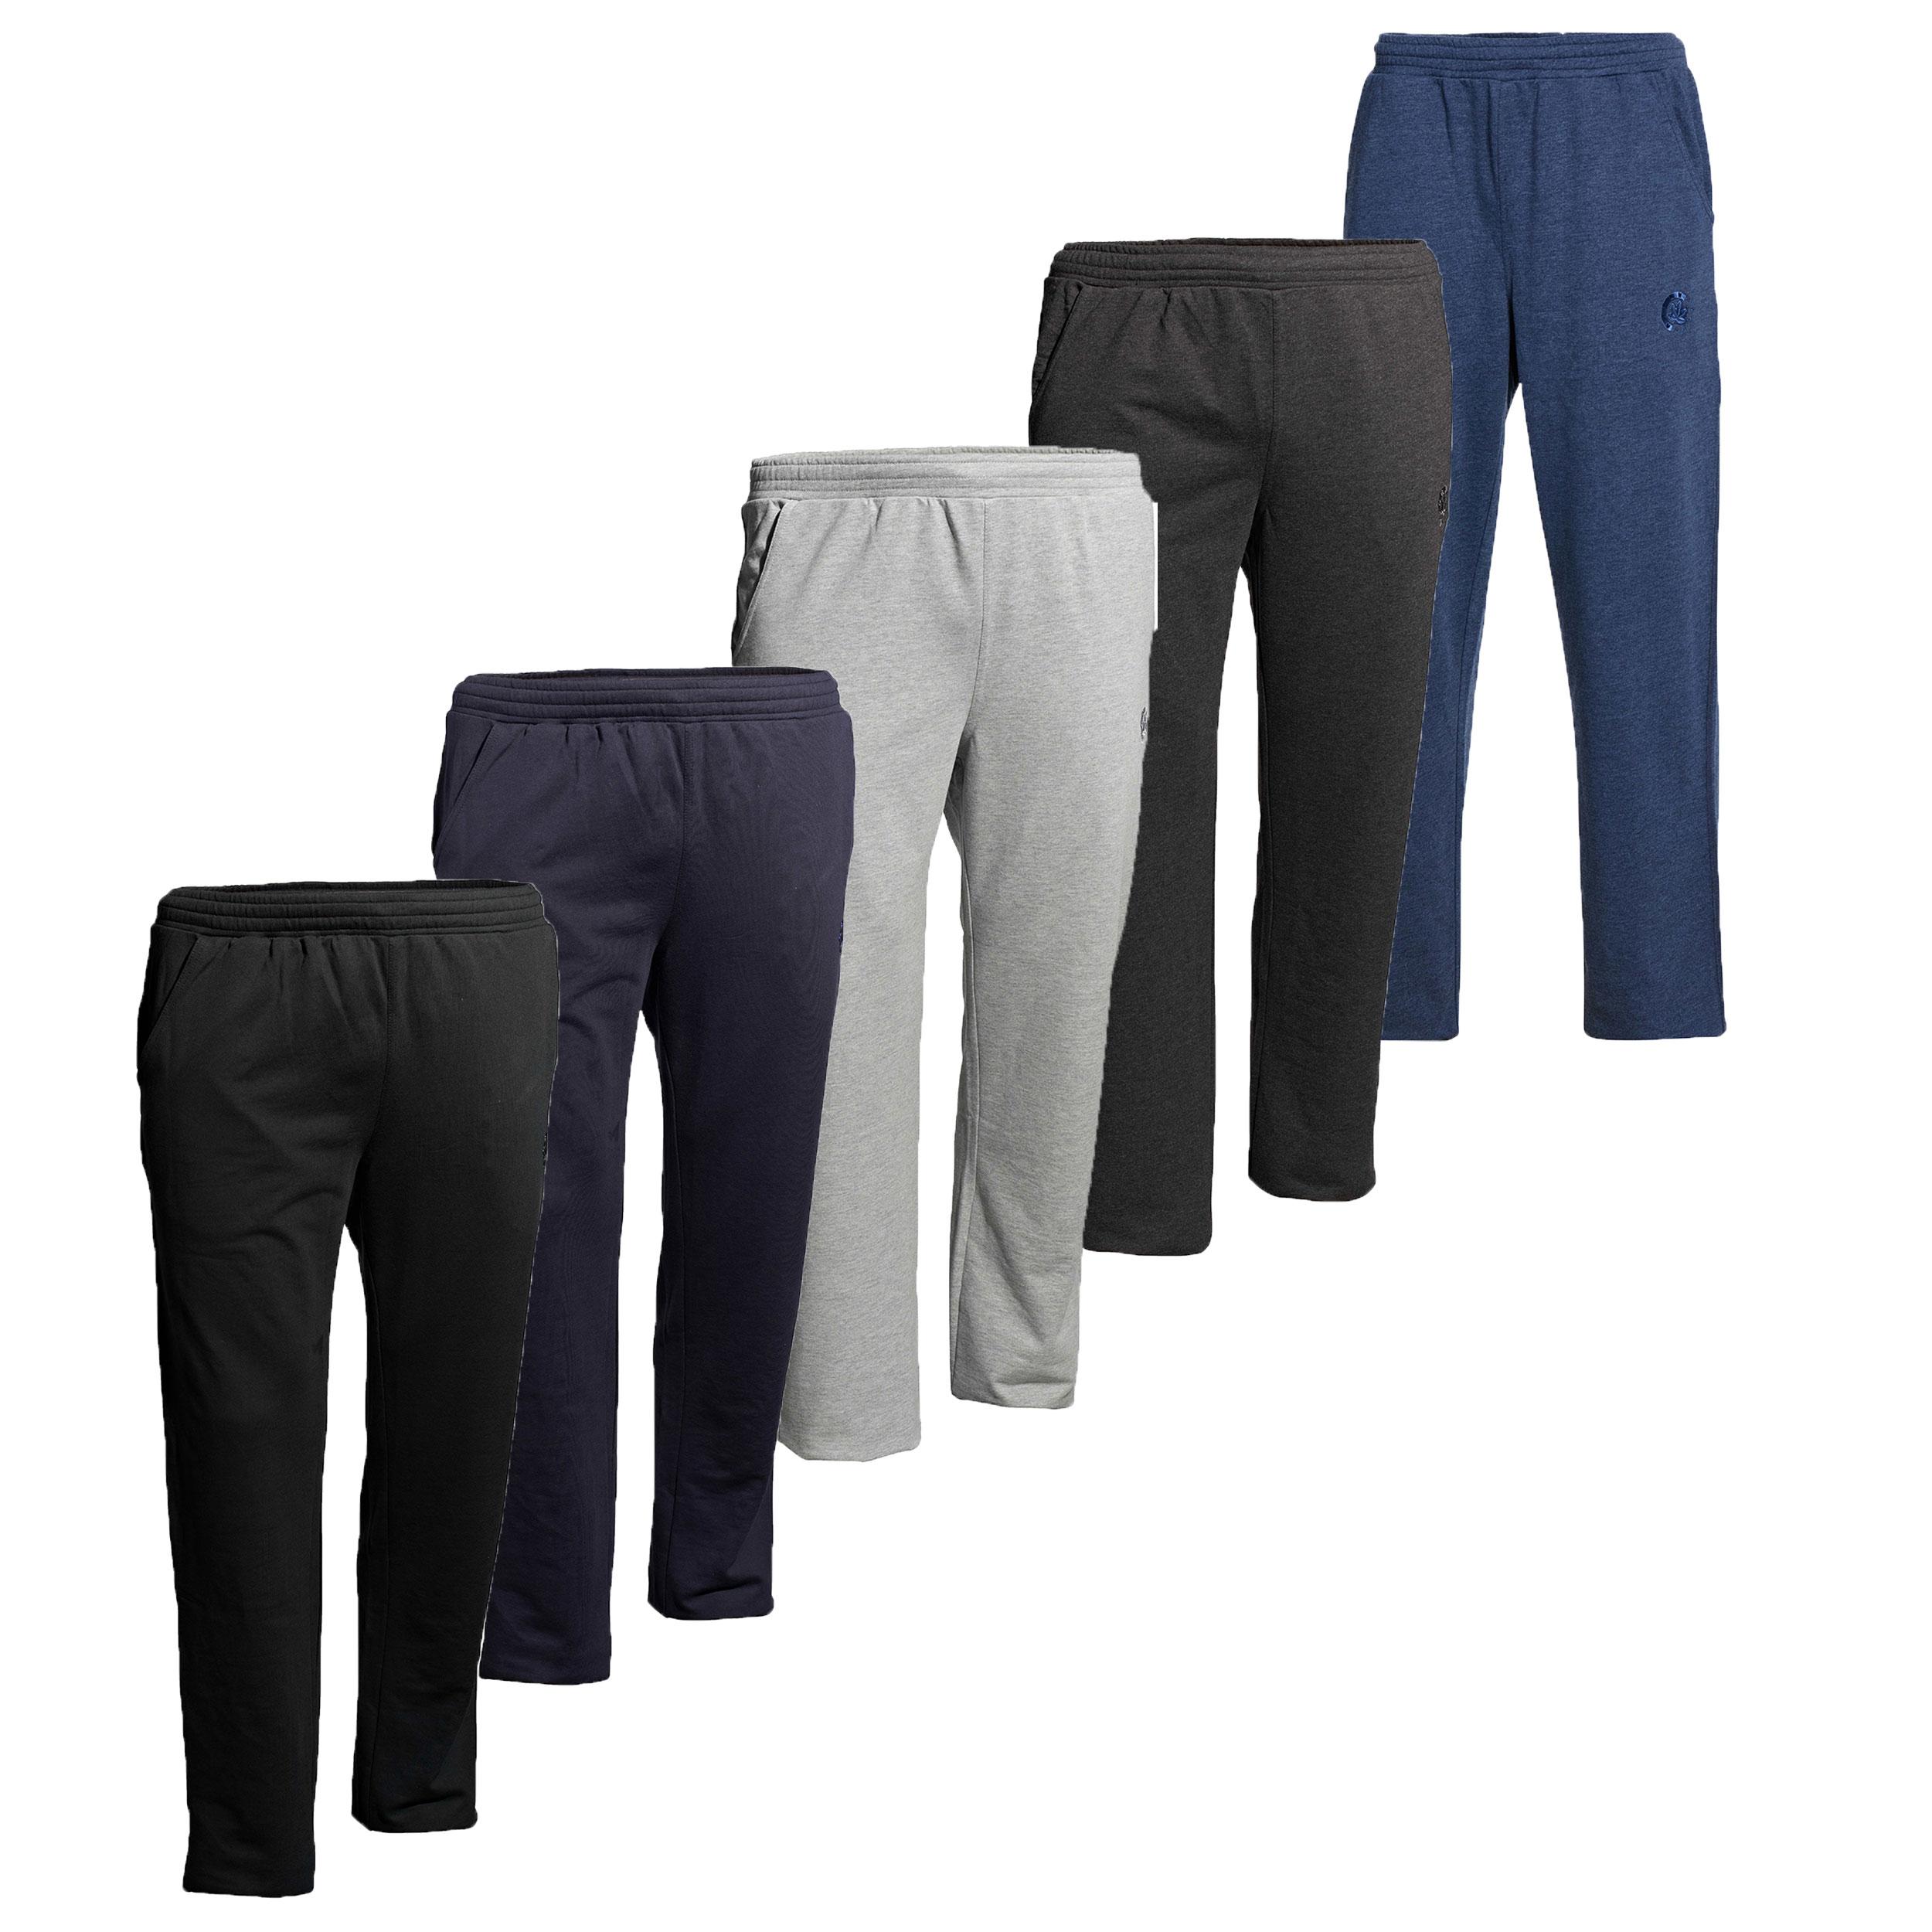 Herren kurze Jogginghose kurz Jogger Hose Große Größen 4XL 5XL 6XL Übergröße